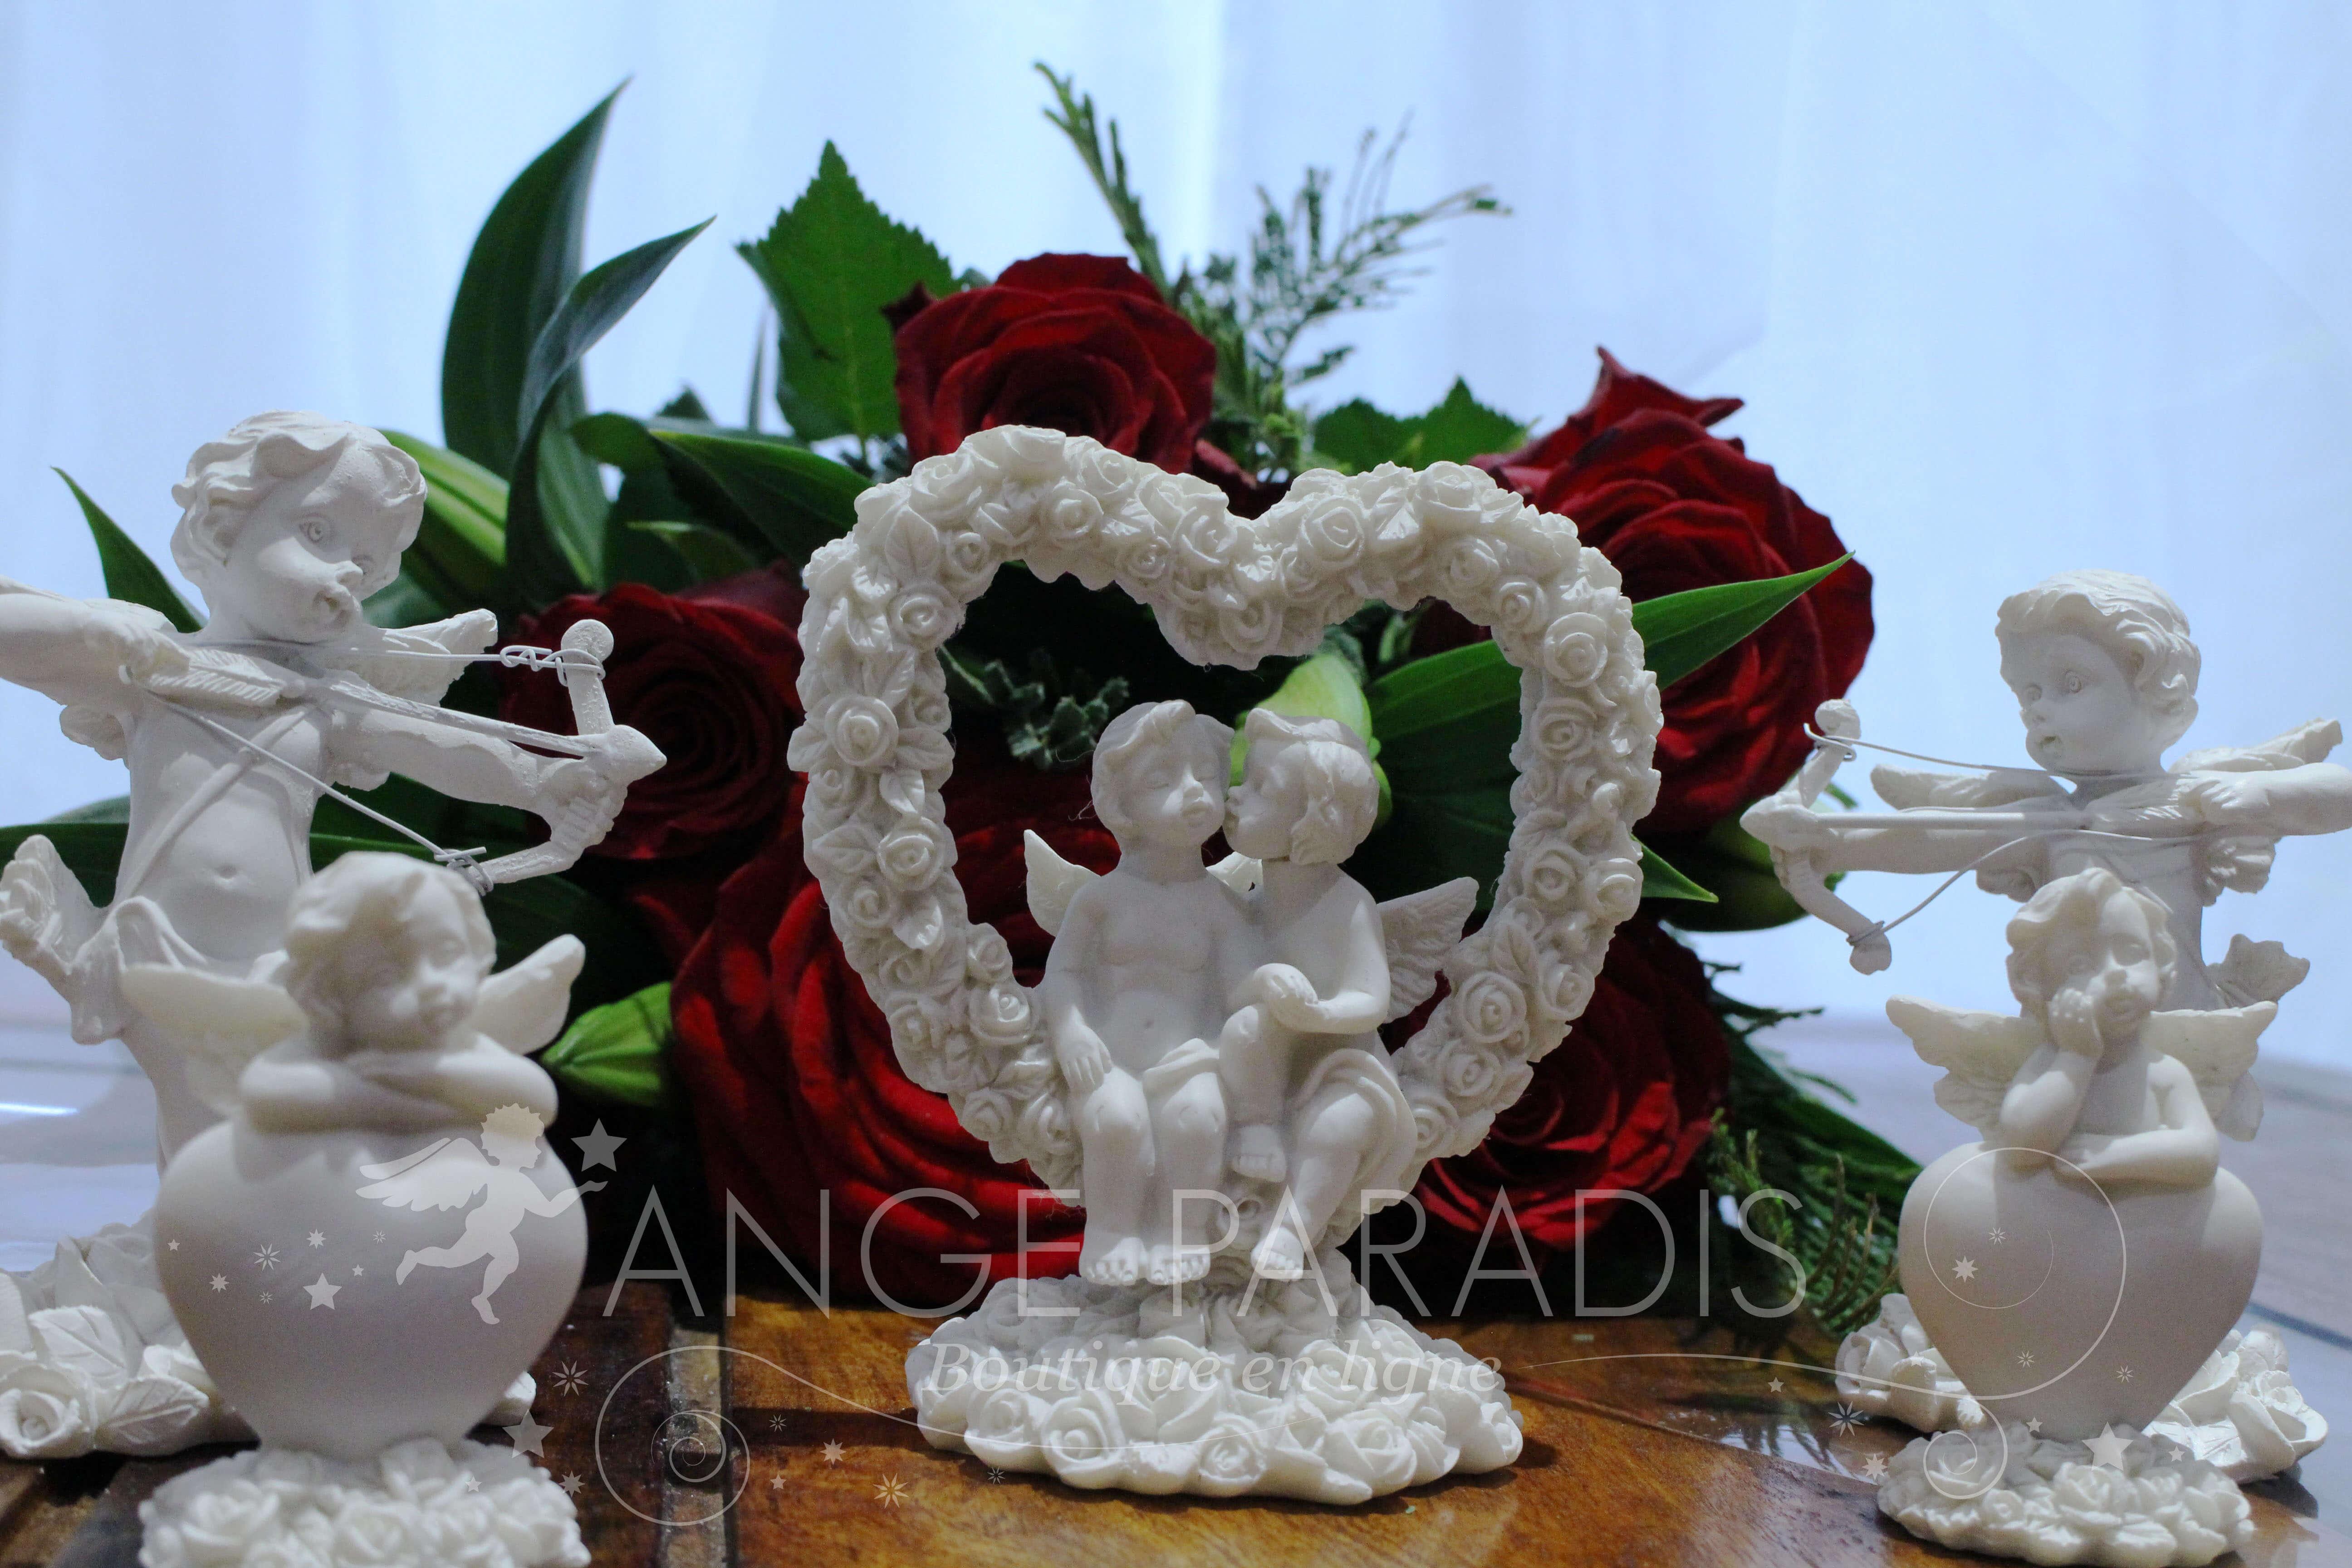 Cadeau anges pour la saint valentin d coration amour for Decoration porte st valentin